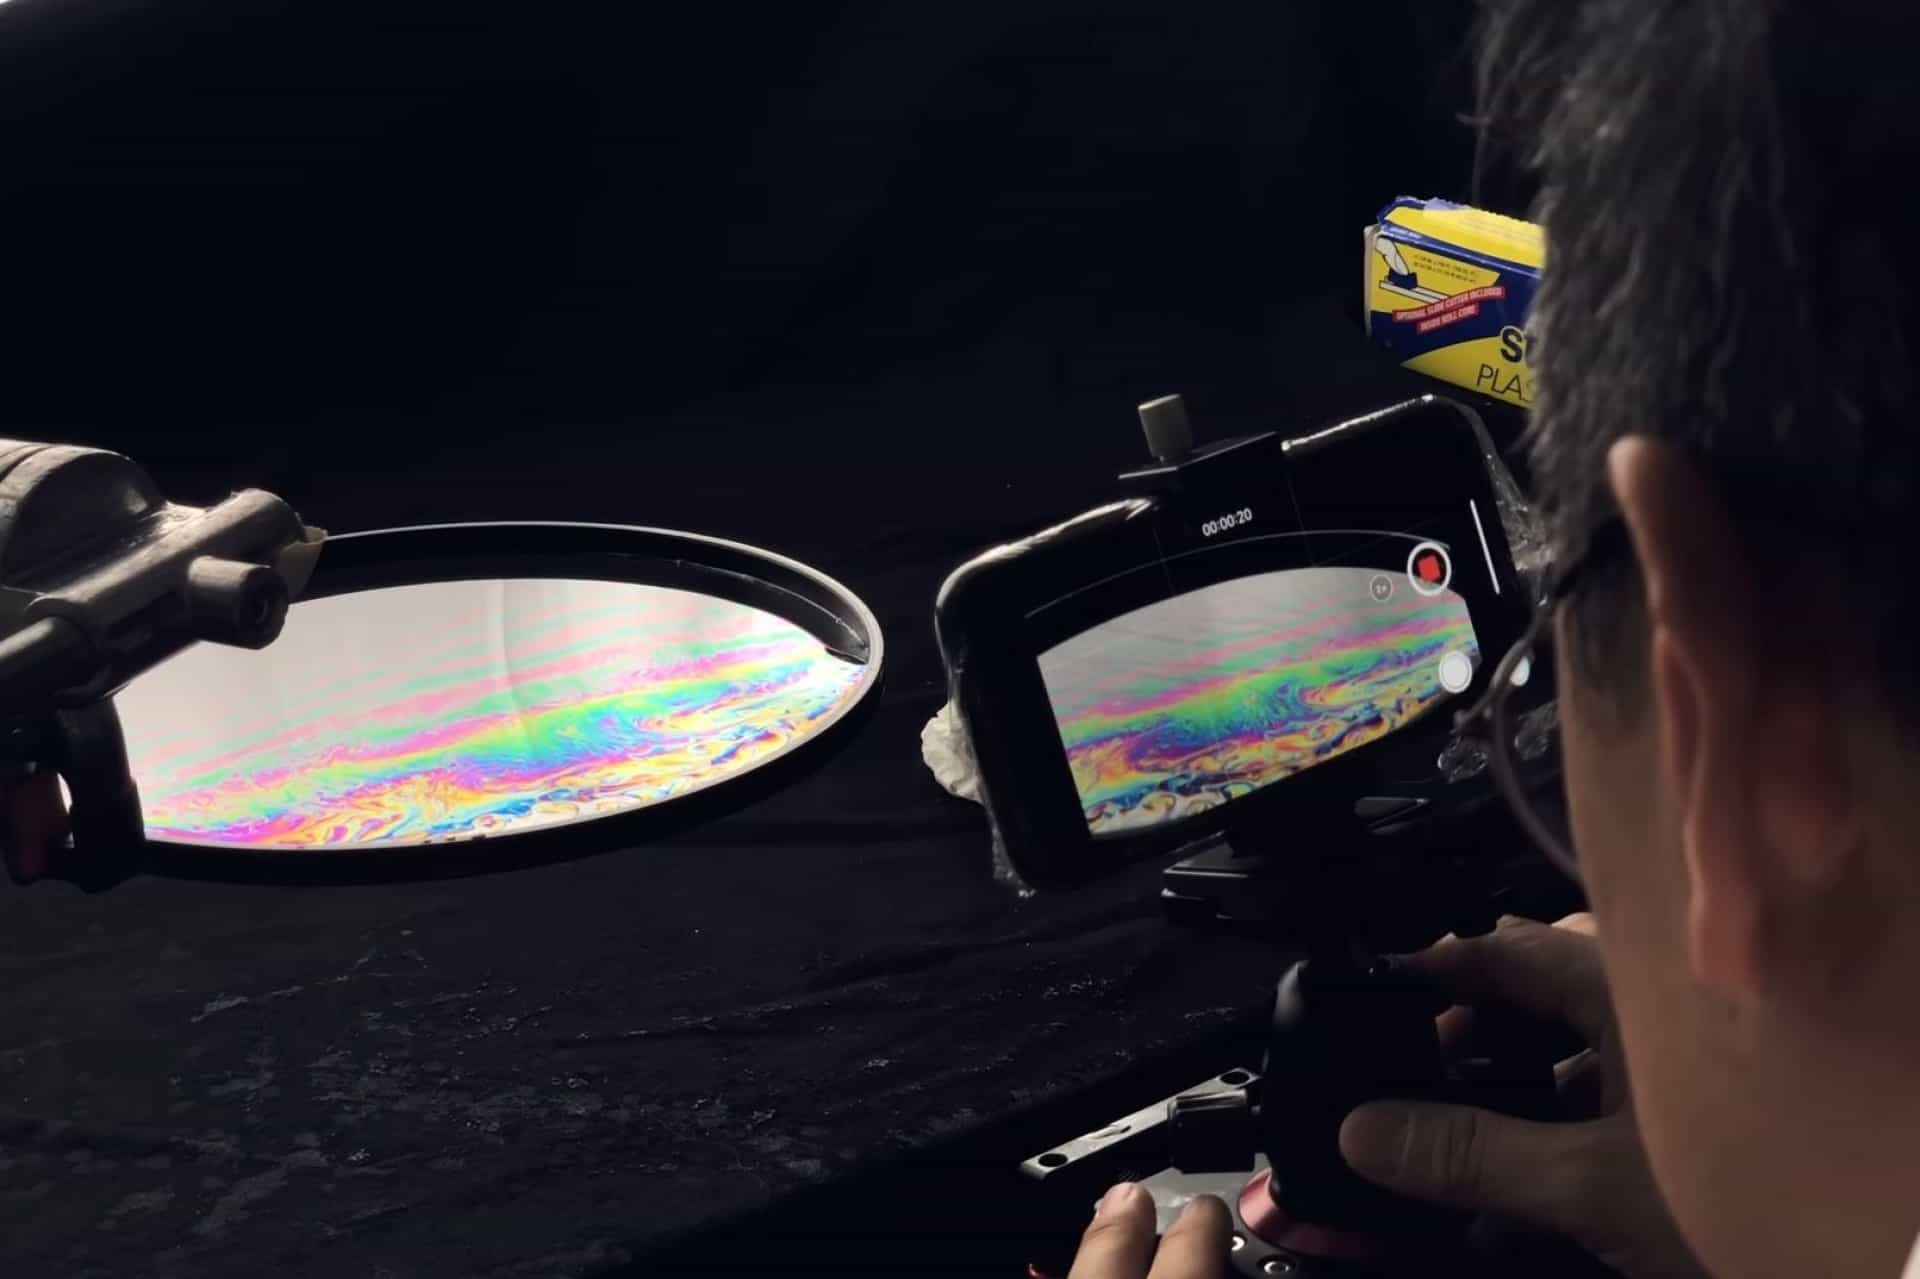 Vídeo mostra experiências de vídeo com câmera do iPhone Xs